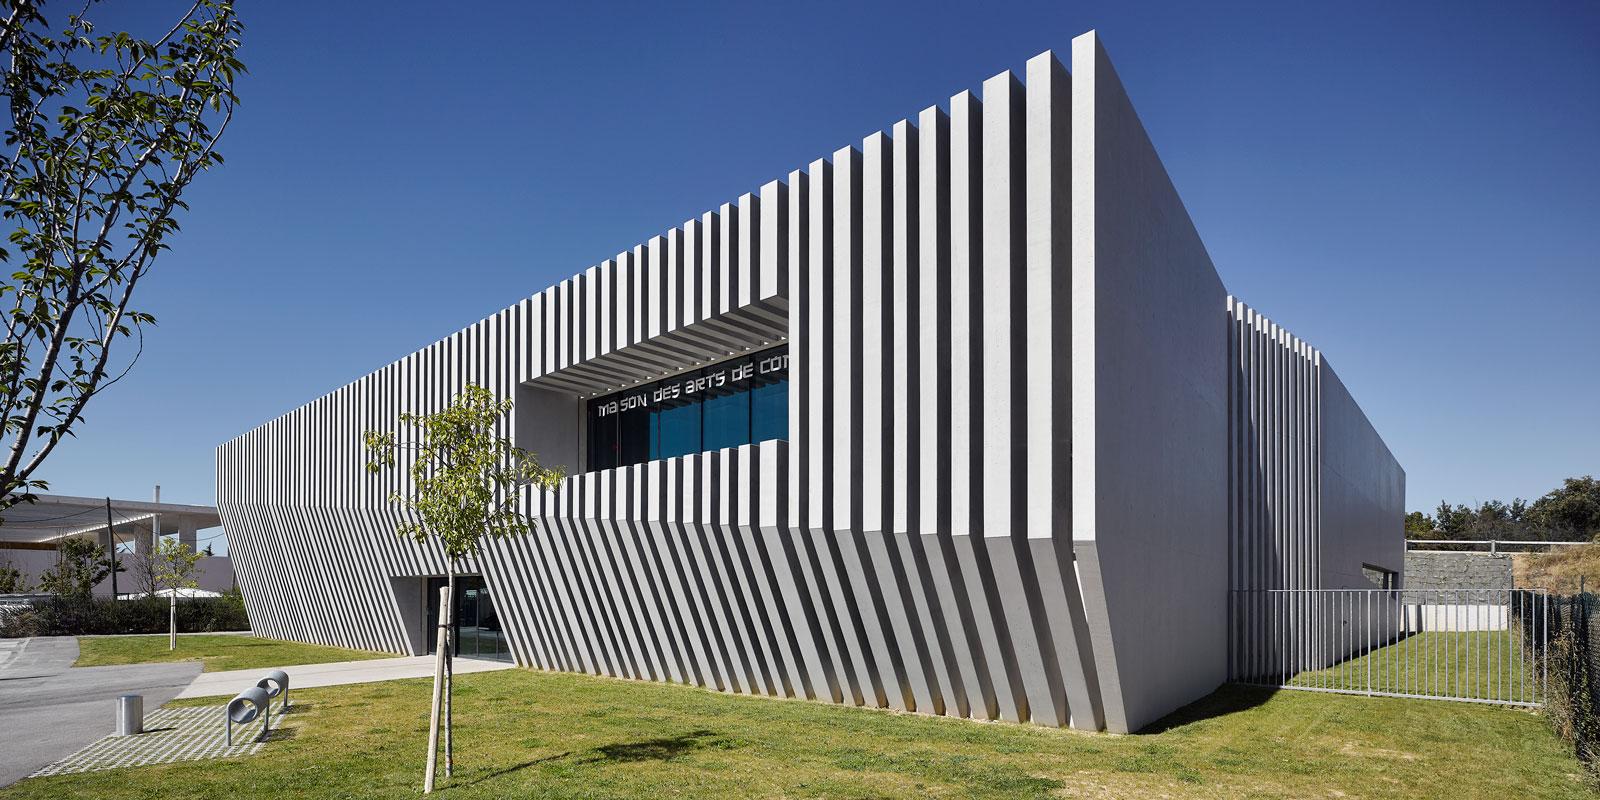 Architecte Christophe Gulizzi Maison des arts de combat, Val de l'Arc, Aix-en-provence.